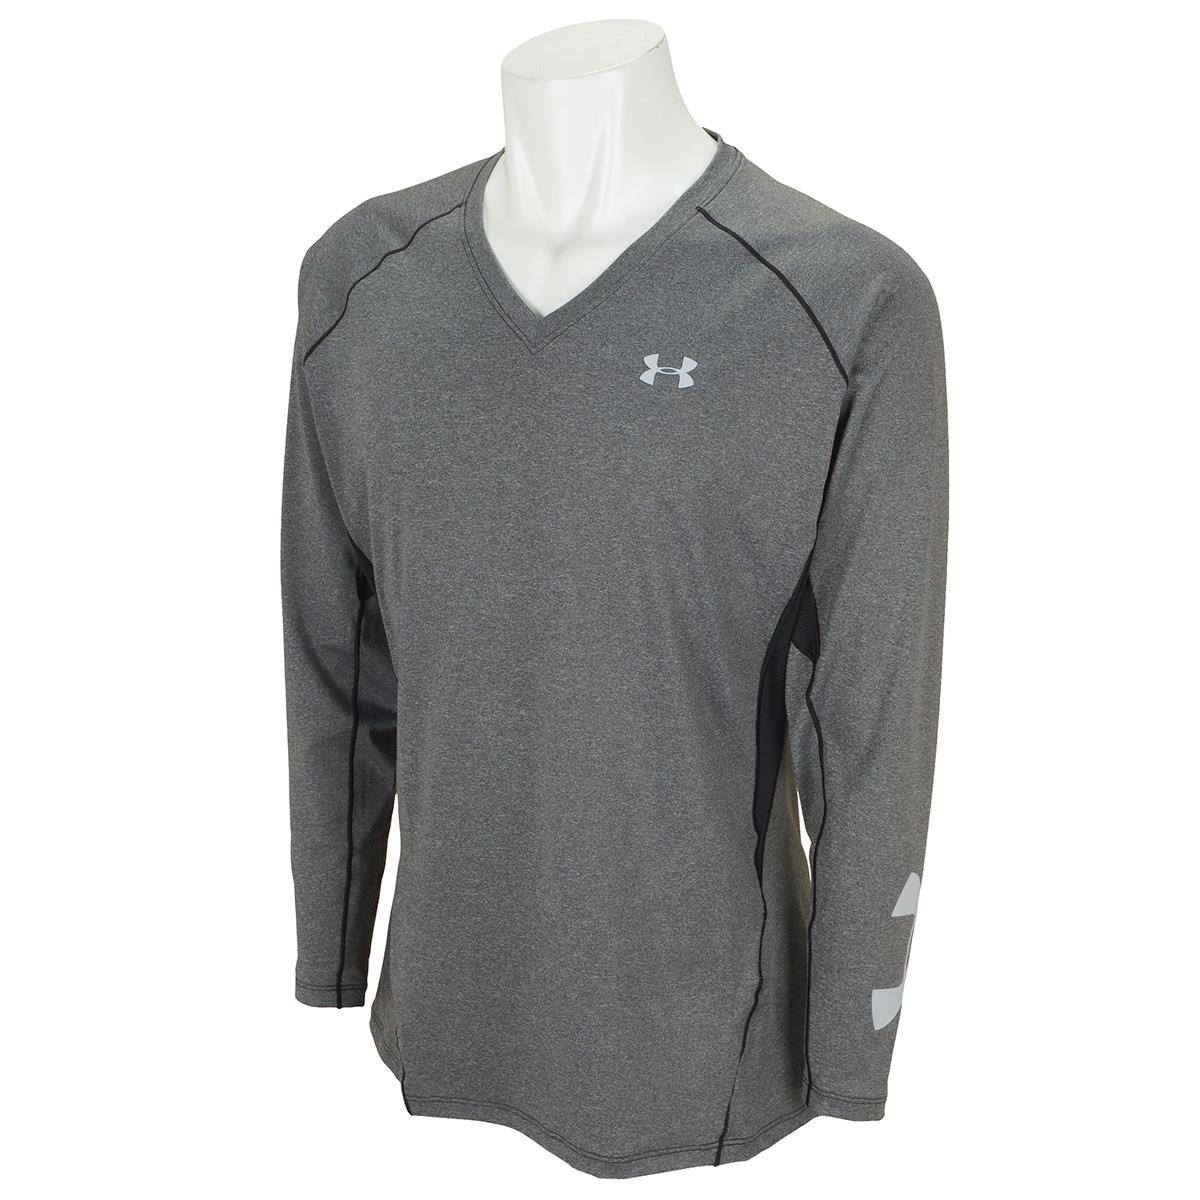 アンダーアーマー Under Armour UA HG フィット長袖Vネックヘザーシャツ LG Black/Mod Gray